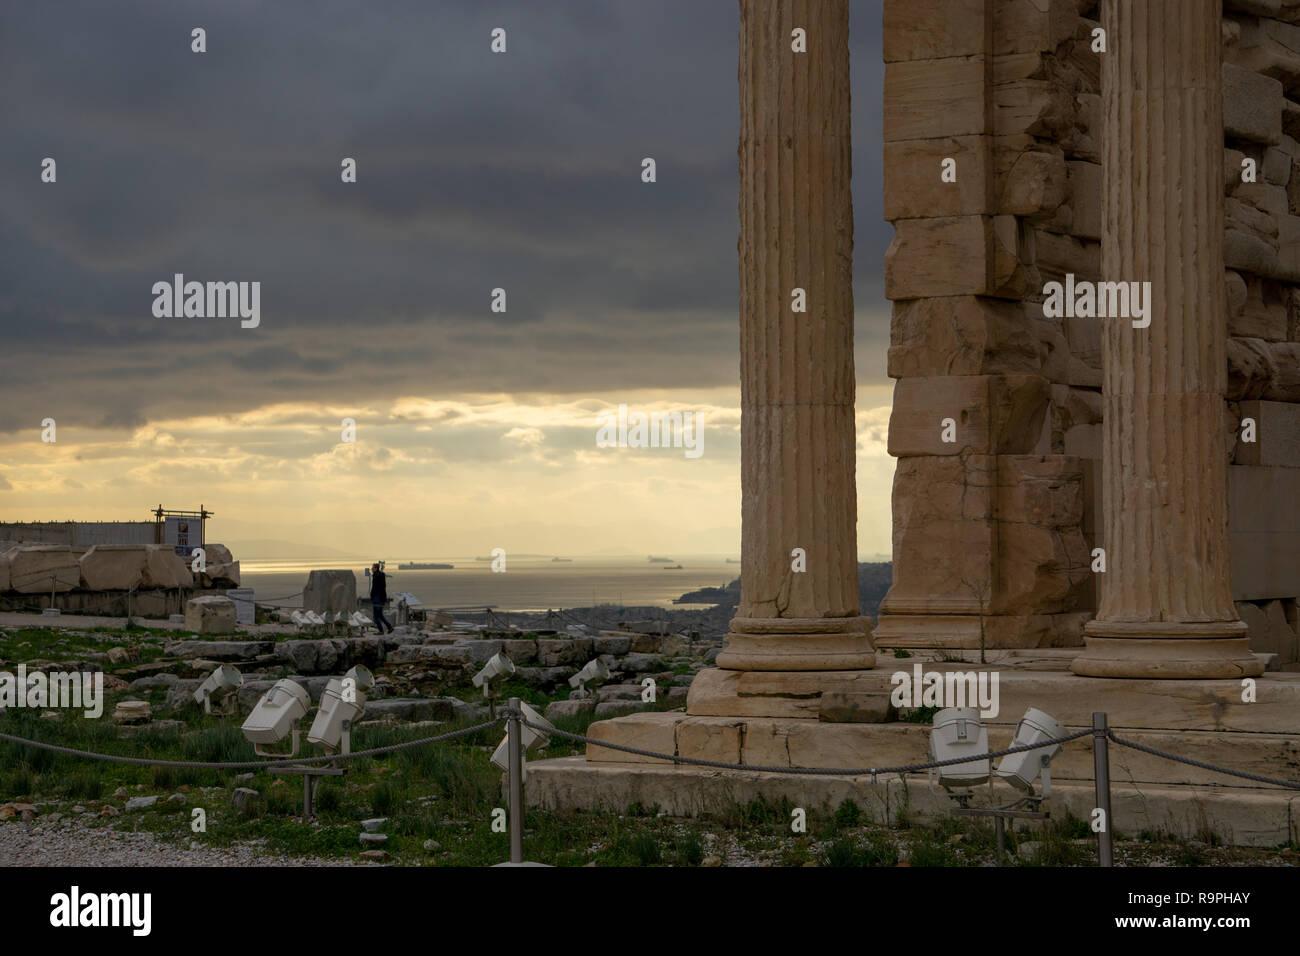 Tuve mucha suerte en el día que visité la Acrópolis. Casi no había turistas allí en ese día me distrajo de soñar y viajar en el tiempo. Foto de stock